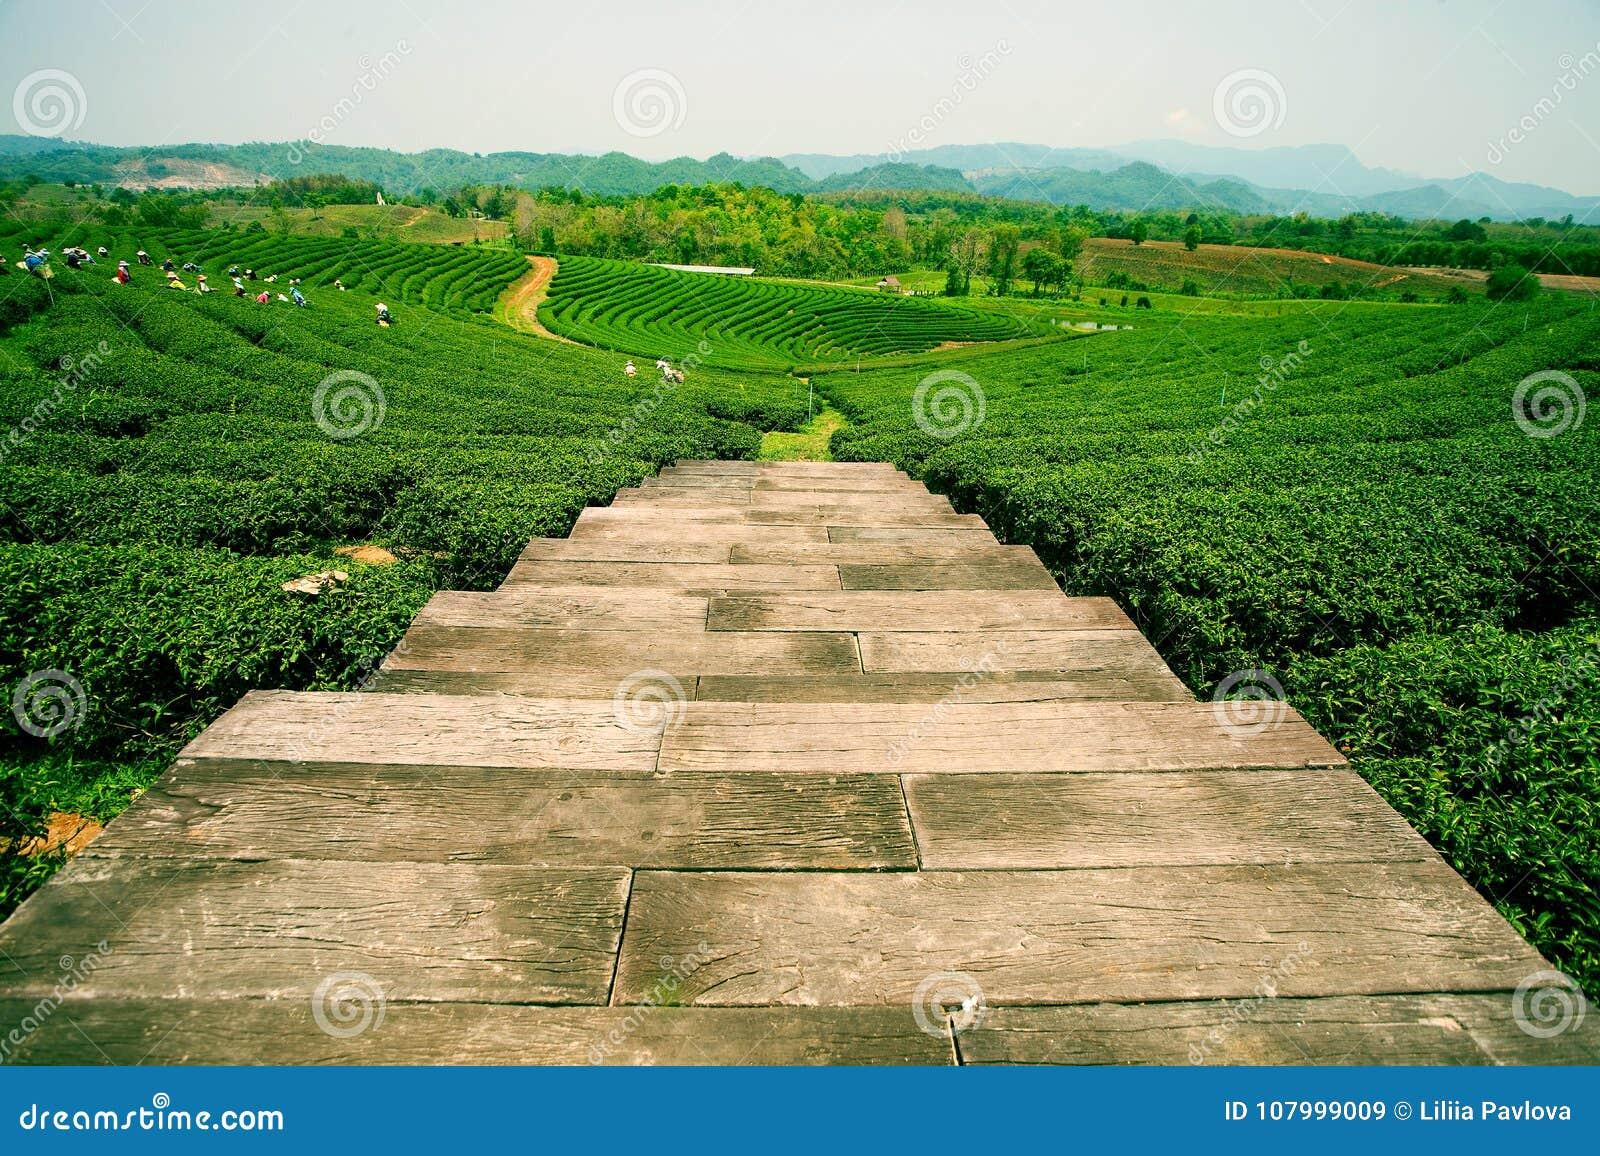 Плантации чая в долине Mae Salong Северный Таиланд